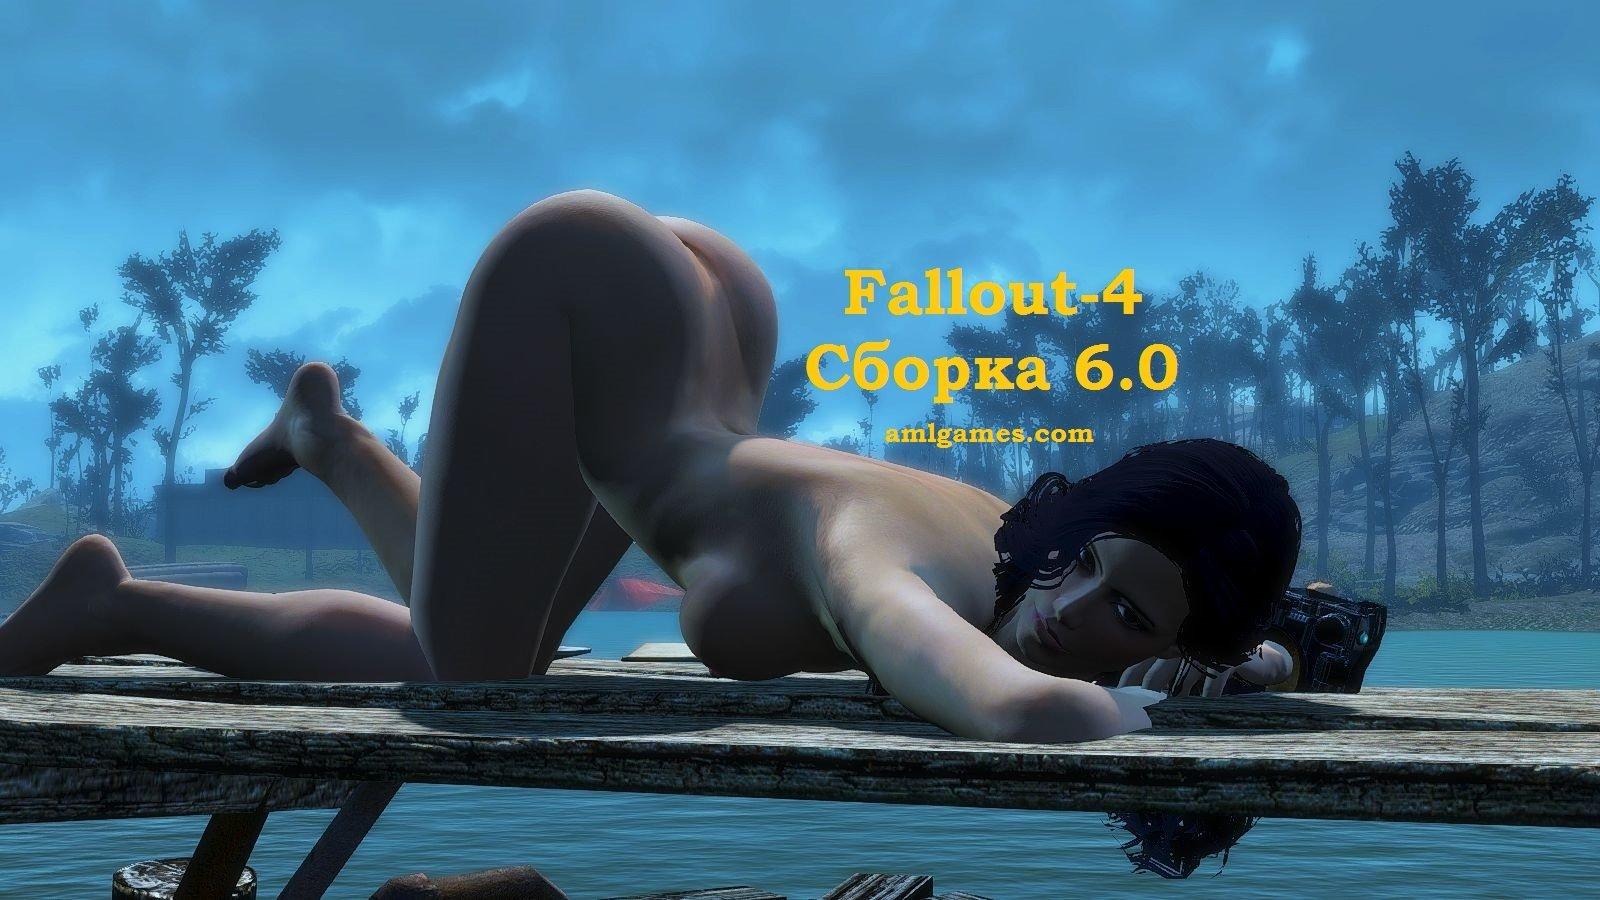 Обложка (5) Fallout-4 (сборка 6.0)